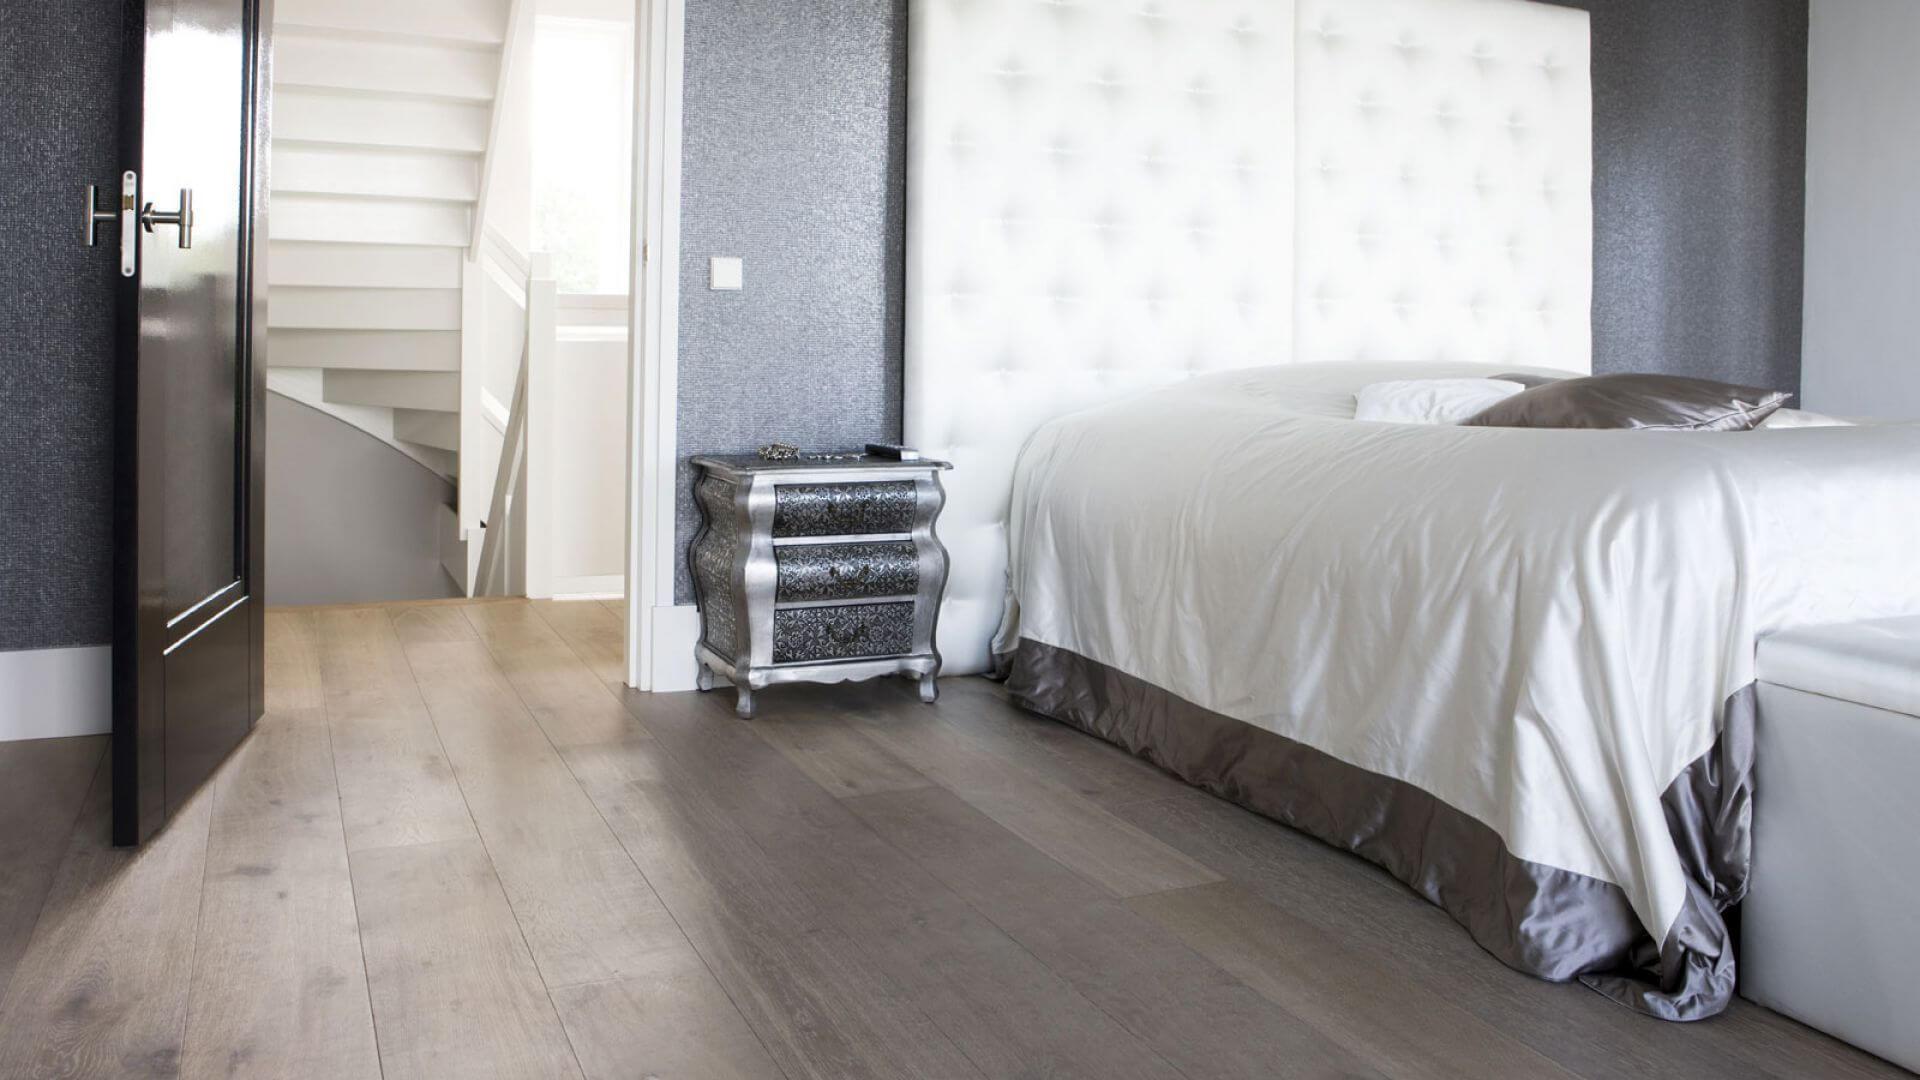 Floors can be installed in different ways. Uipkes Wood Flooring specializes in five installation patterns: plank floors, Versailles floors, herringbone floors, chevron floors and end grain pattern floors.